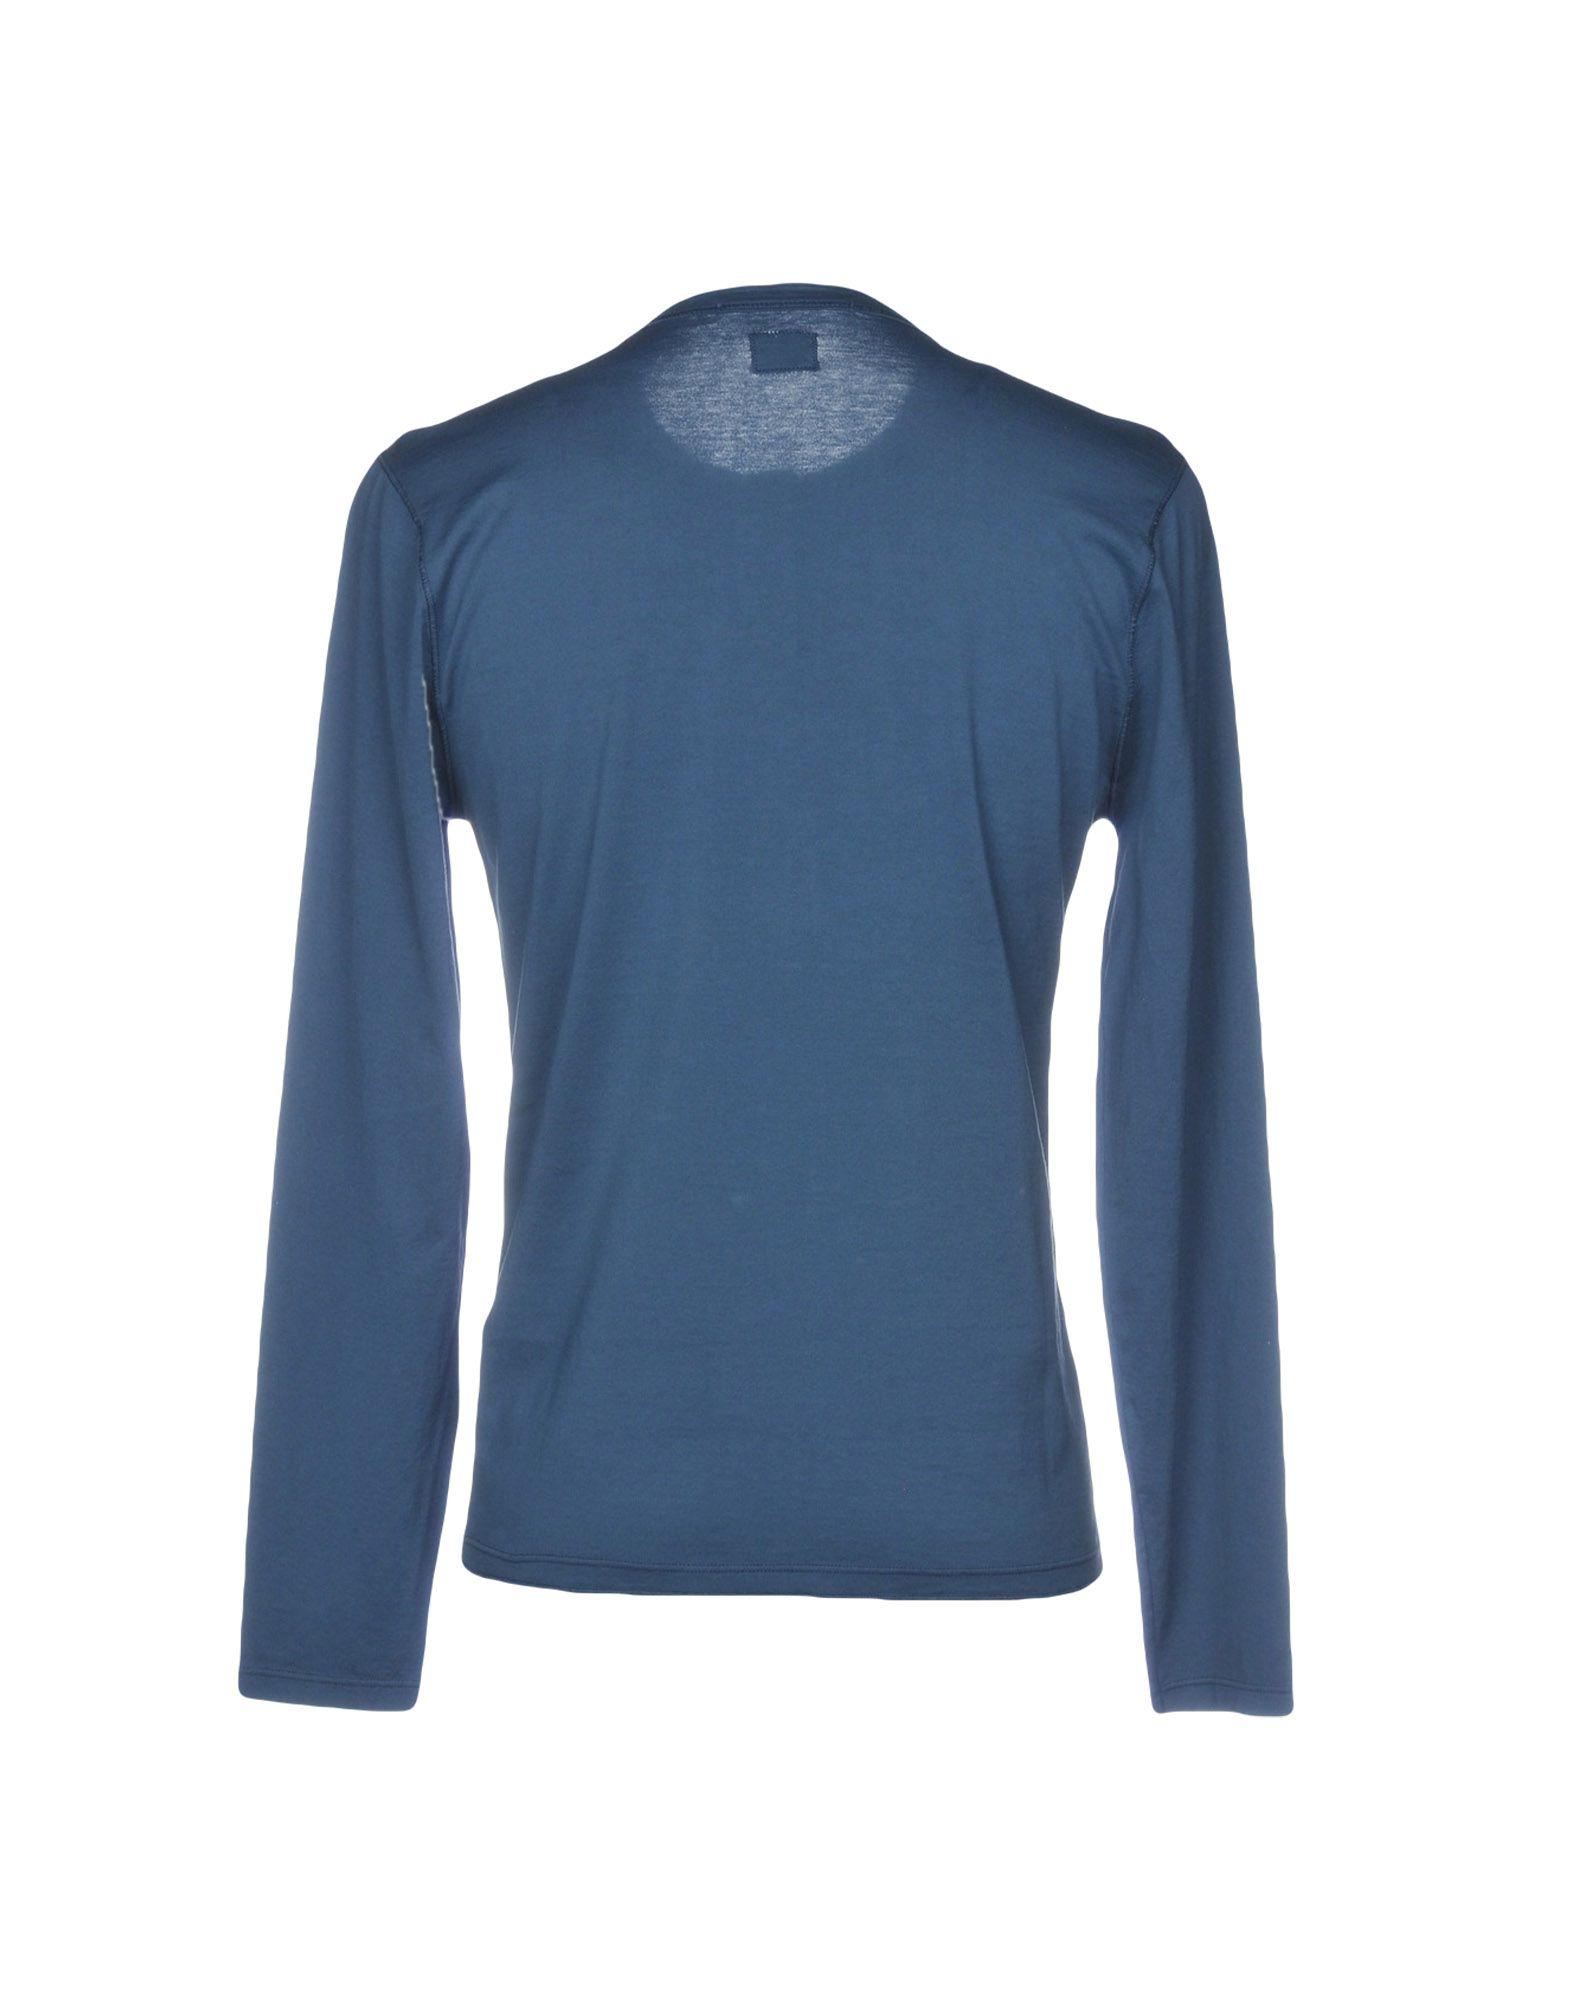 T-Shirt C.P. Company Uomo 12206411US - 12206411US Uomo f1d2fb